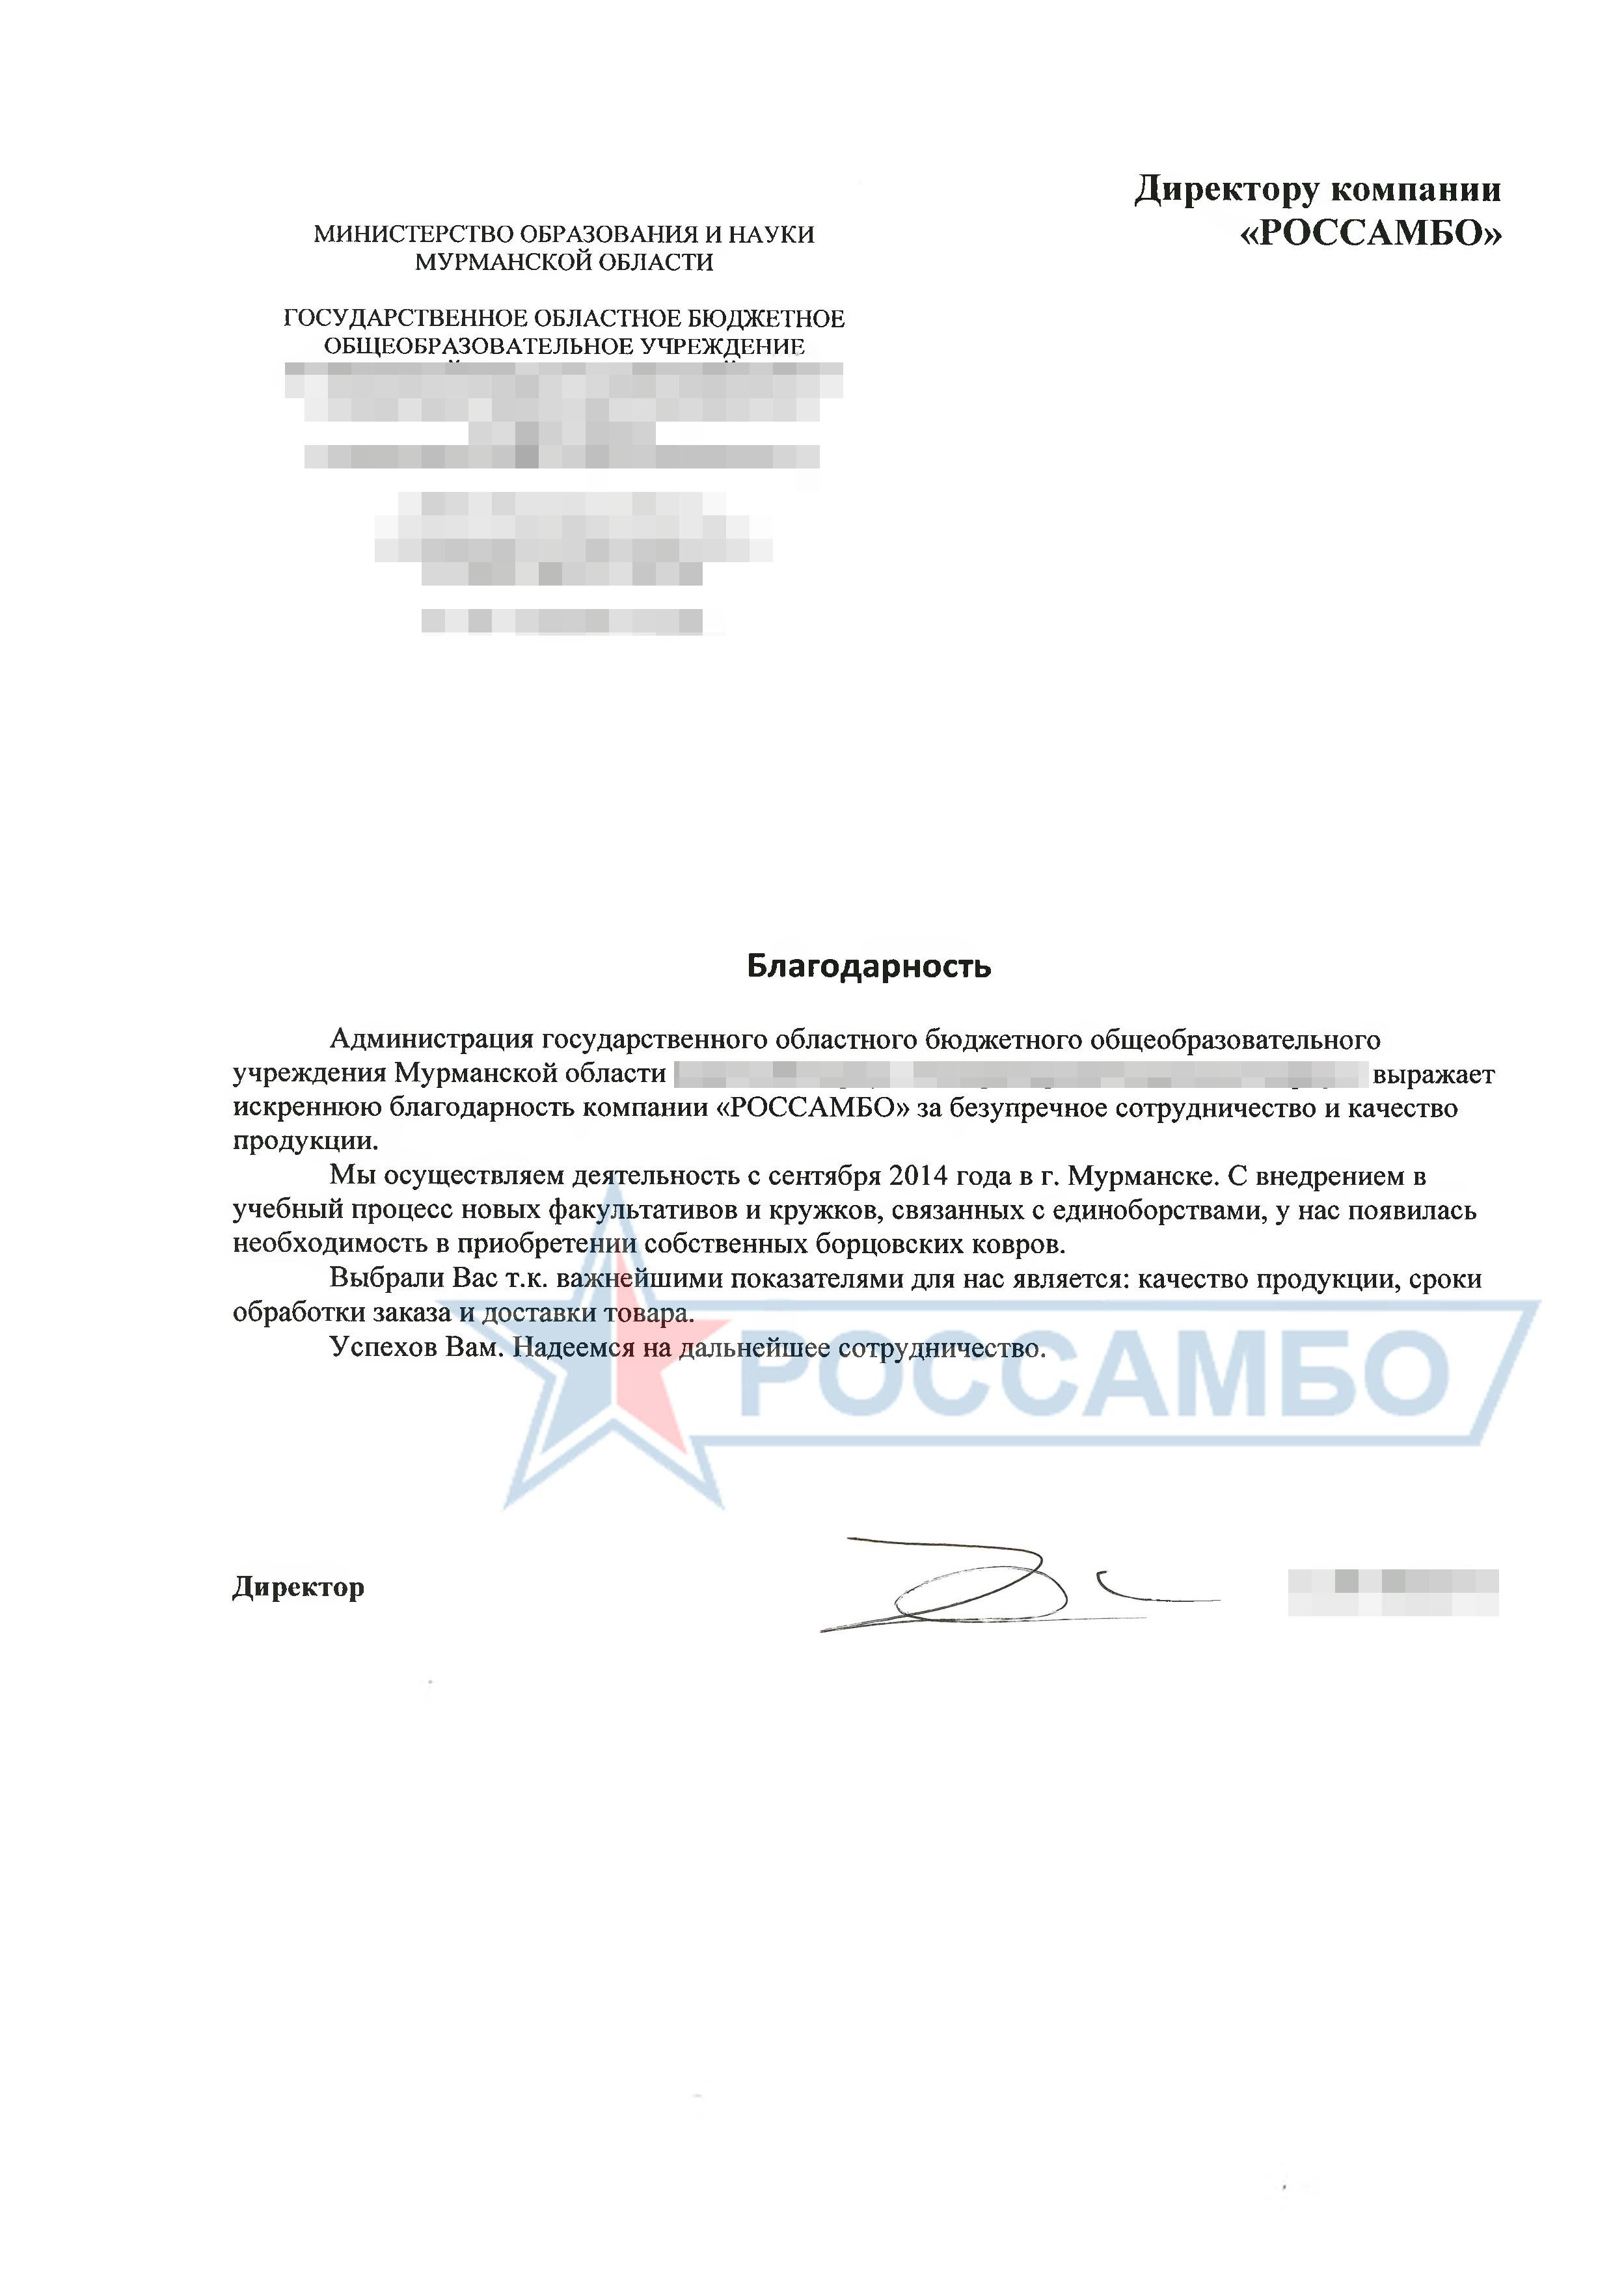 Благодарственное письмо в адрес РОССАМБО